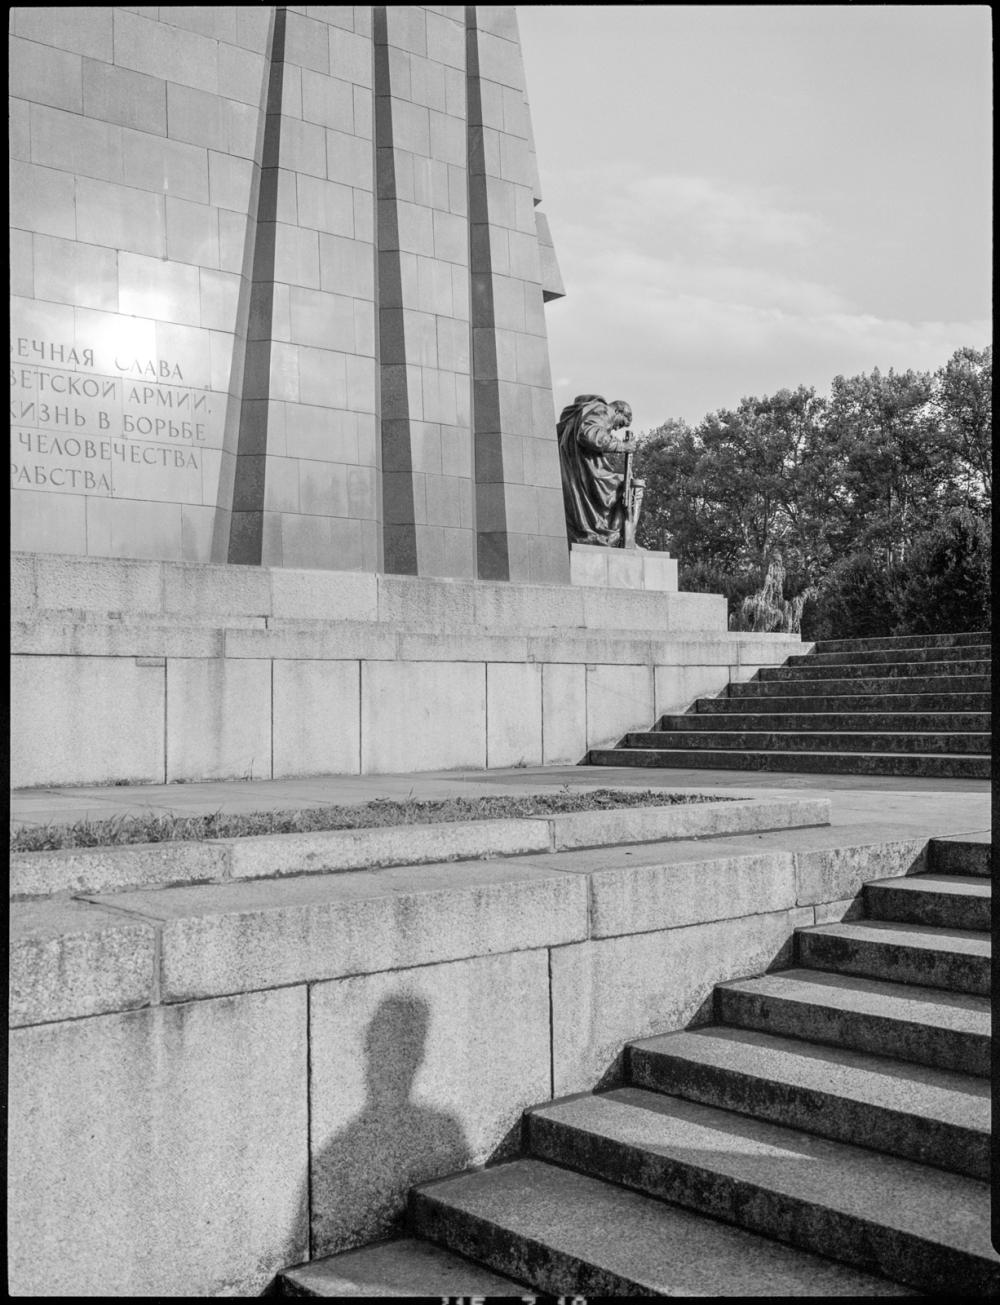 soviet memorial berlin treptow #2